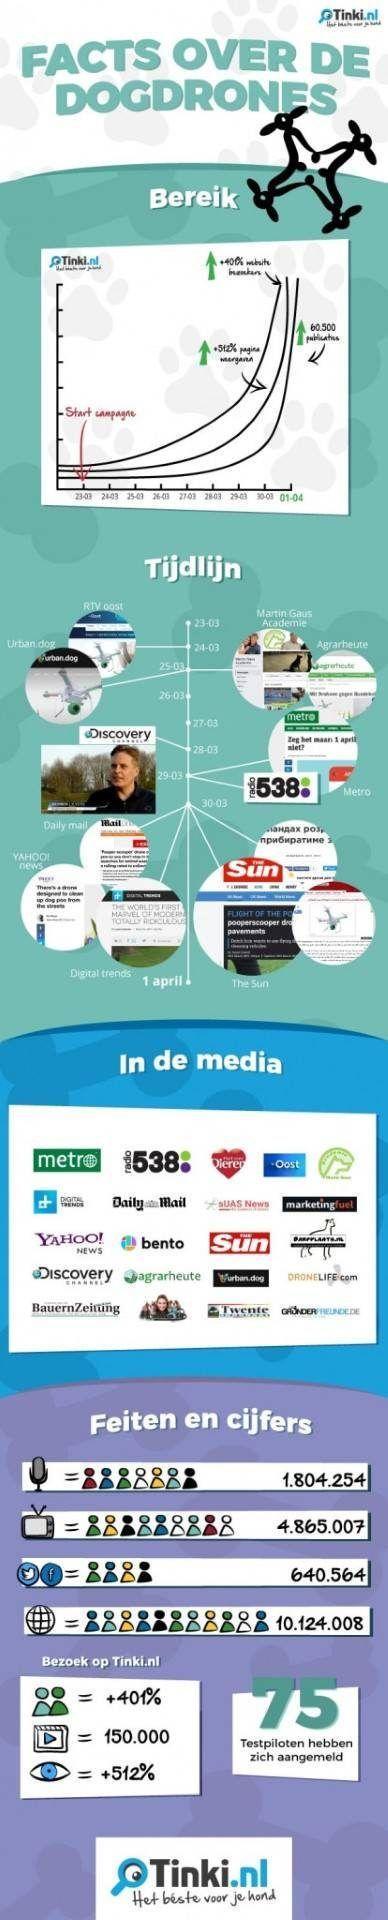 dogdrones 1 aprilgrap bereikt miljoenen wereldwijd facts over dogdrones